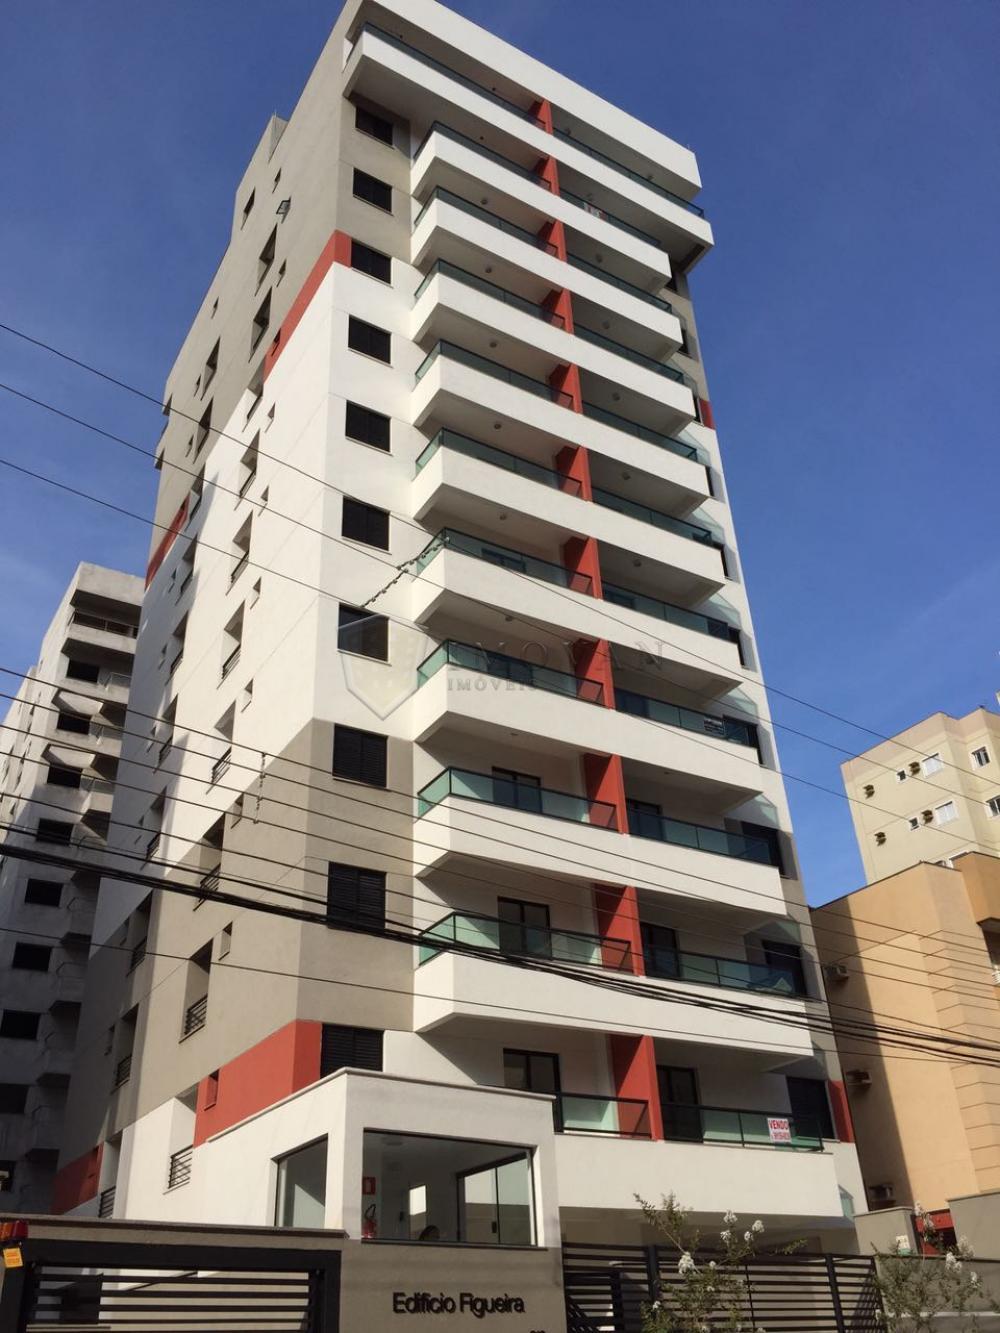 Comprar Apartamento / Cobertura em Ribeirão Preto R$ 355.000,00 - Foto 2